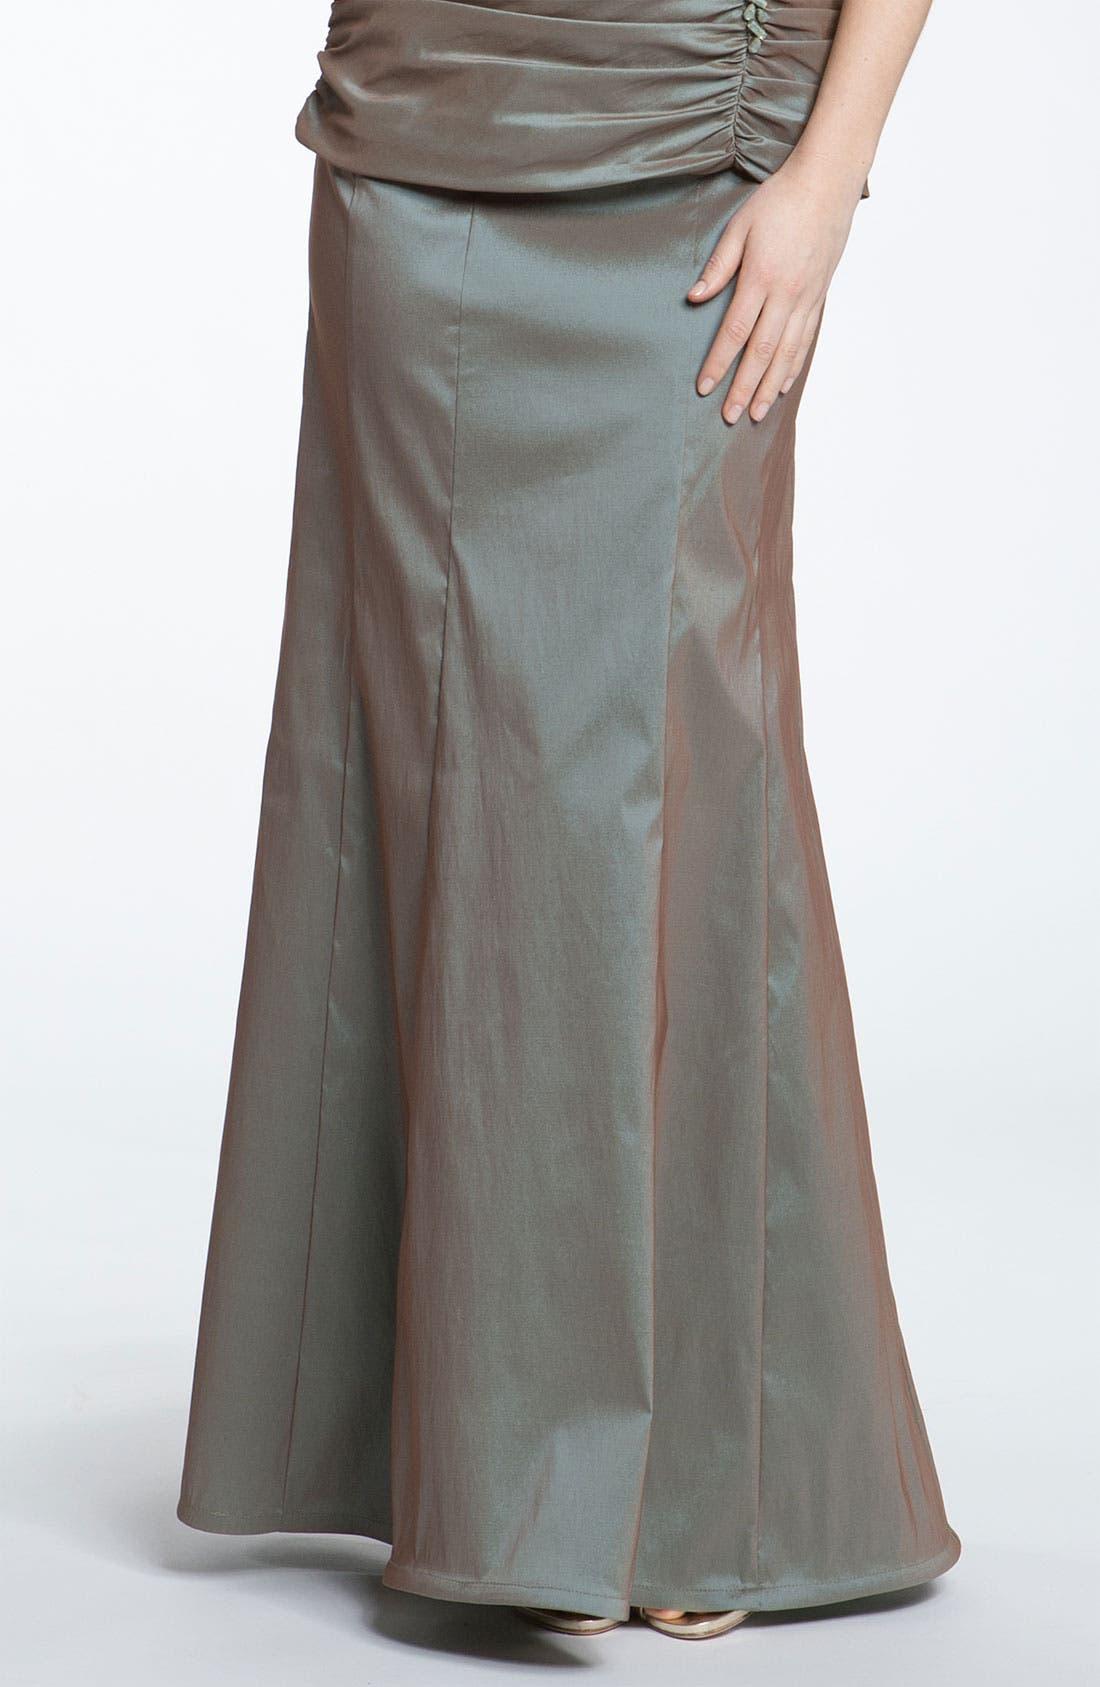 Main Image - Tadashi Shoji Taffeta Mermaid Skirt